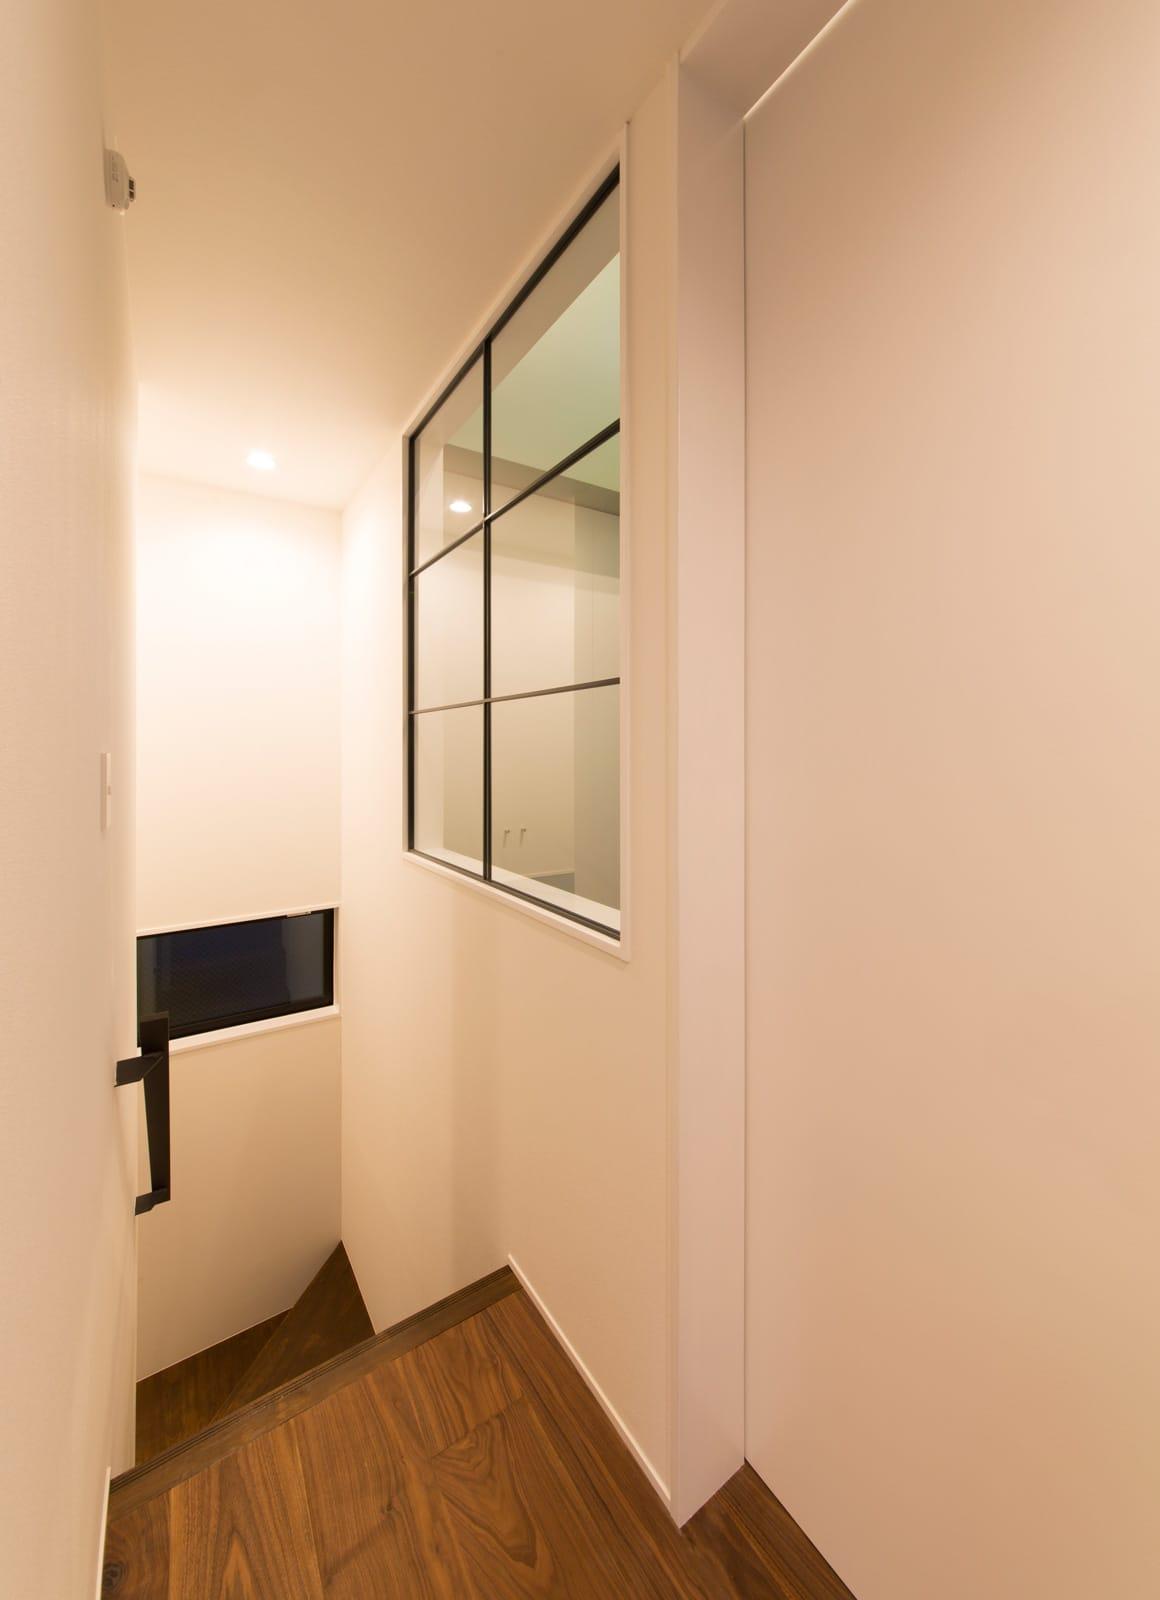 ブルックリンハウスの部屋1